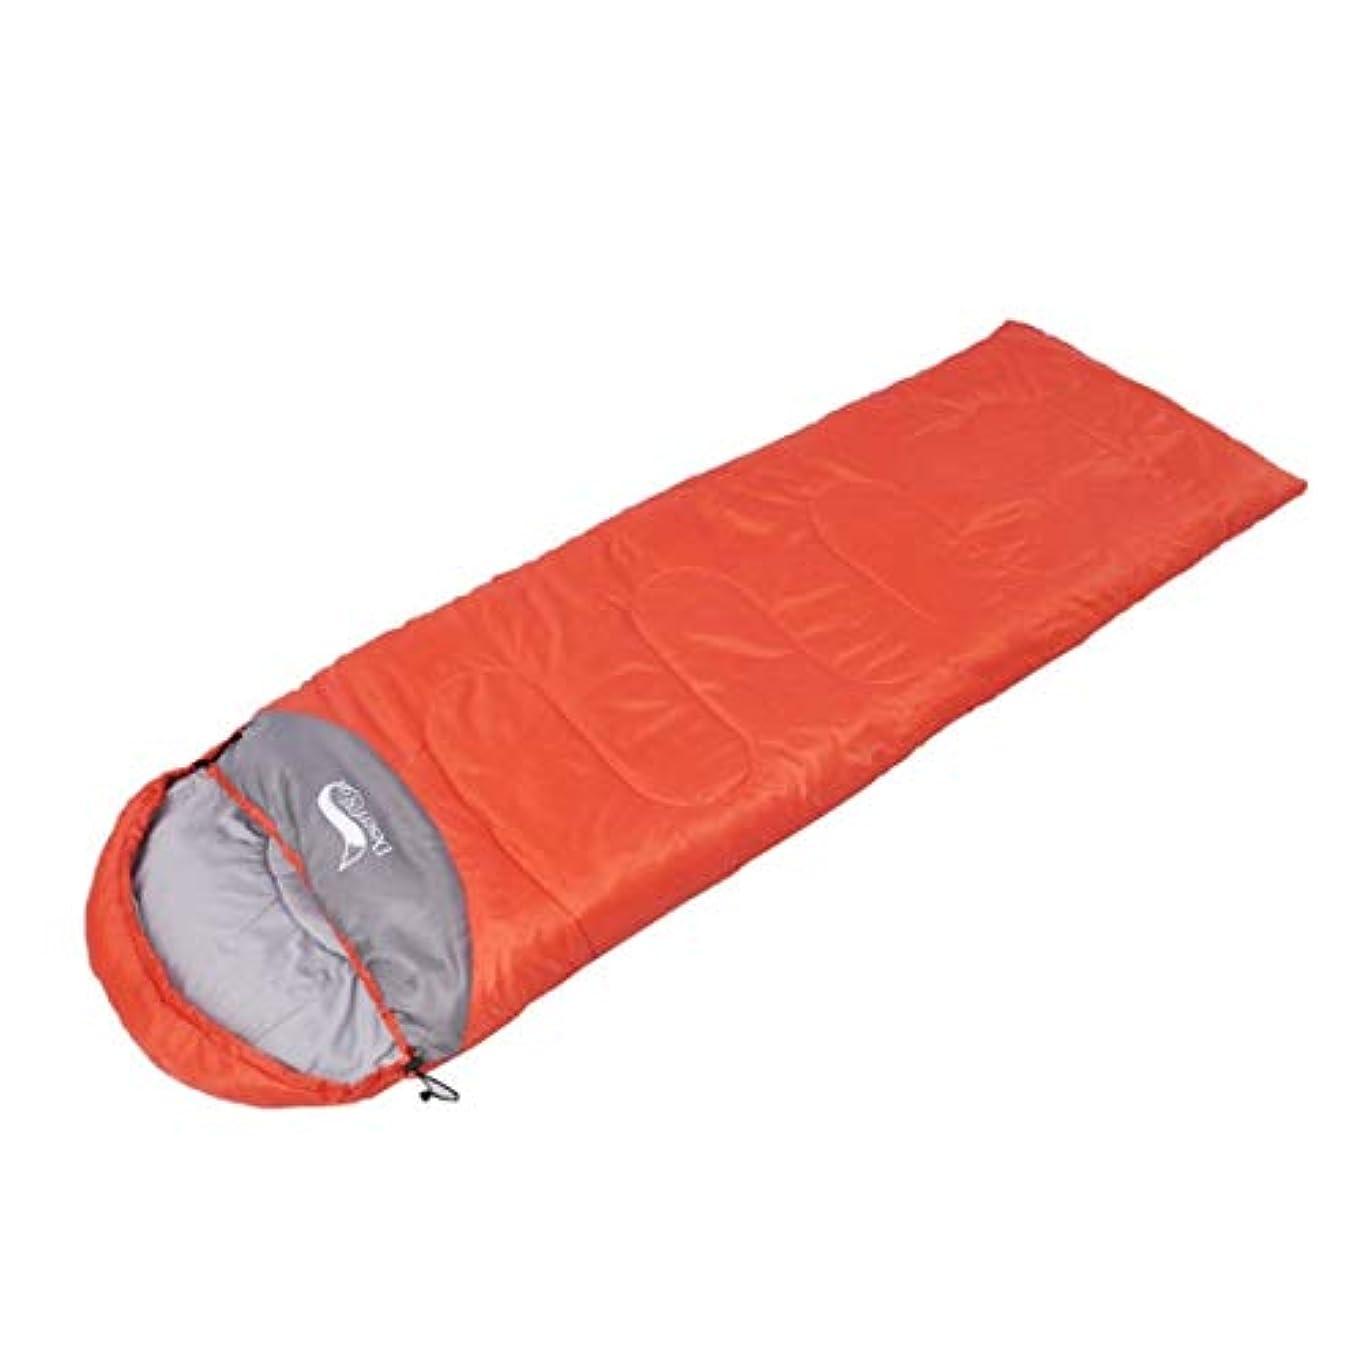 付添人毎年予報Tianmey 春と秋のモデル超軽量中空コットン大人屋外寝袋昼休みフリースキャンプ寝袋キャンプ寝袋